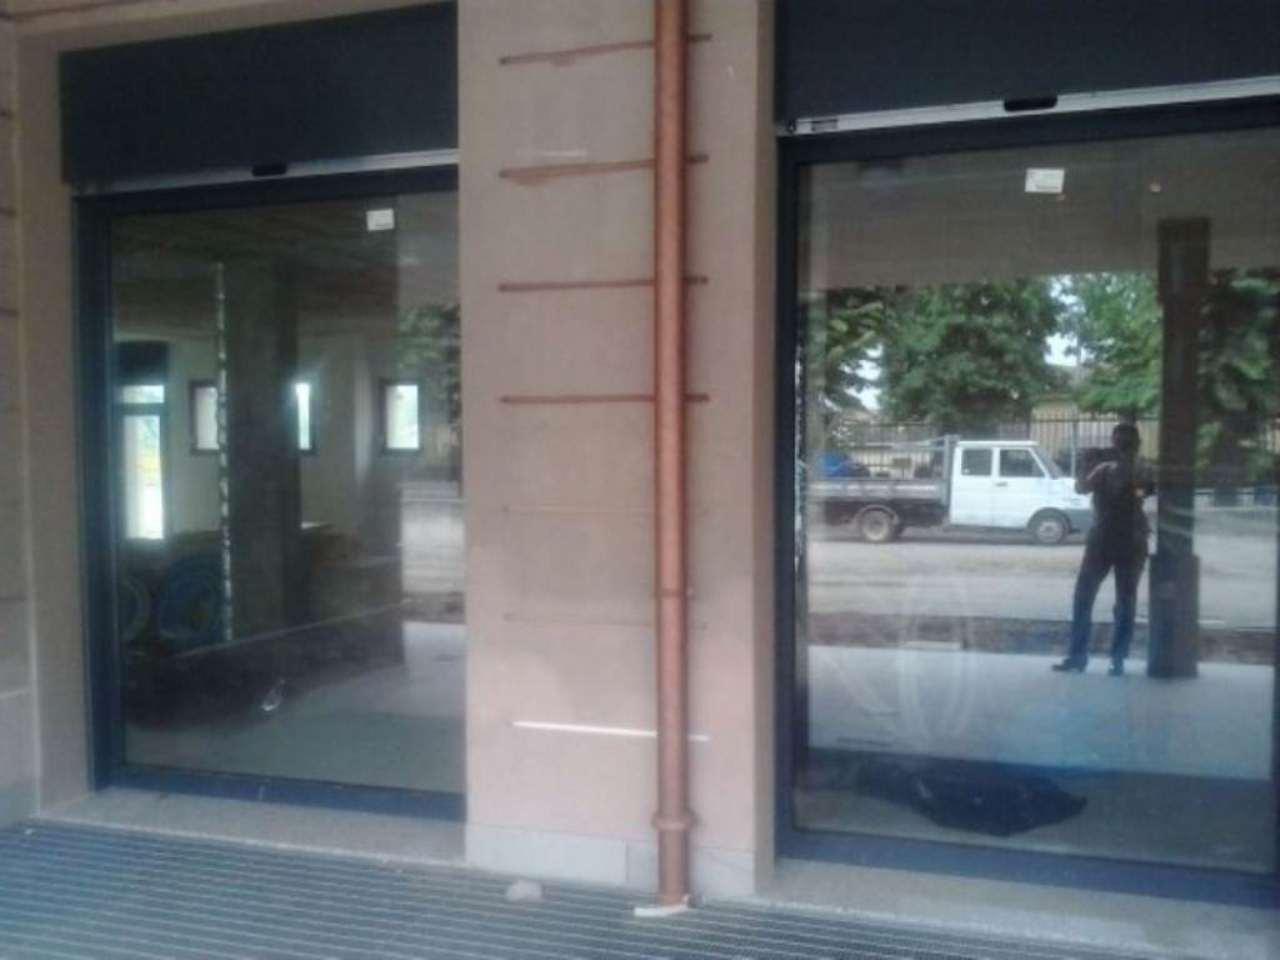 Negozio / Locale in vendita a Cassano d'Adda, 1 locali, prezzo € 278.000 | Cambio Casa.it